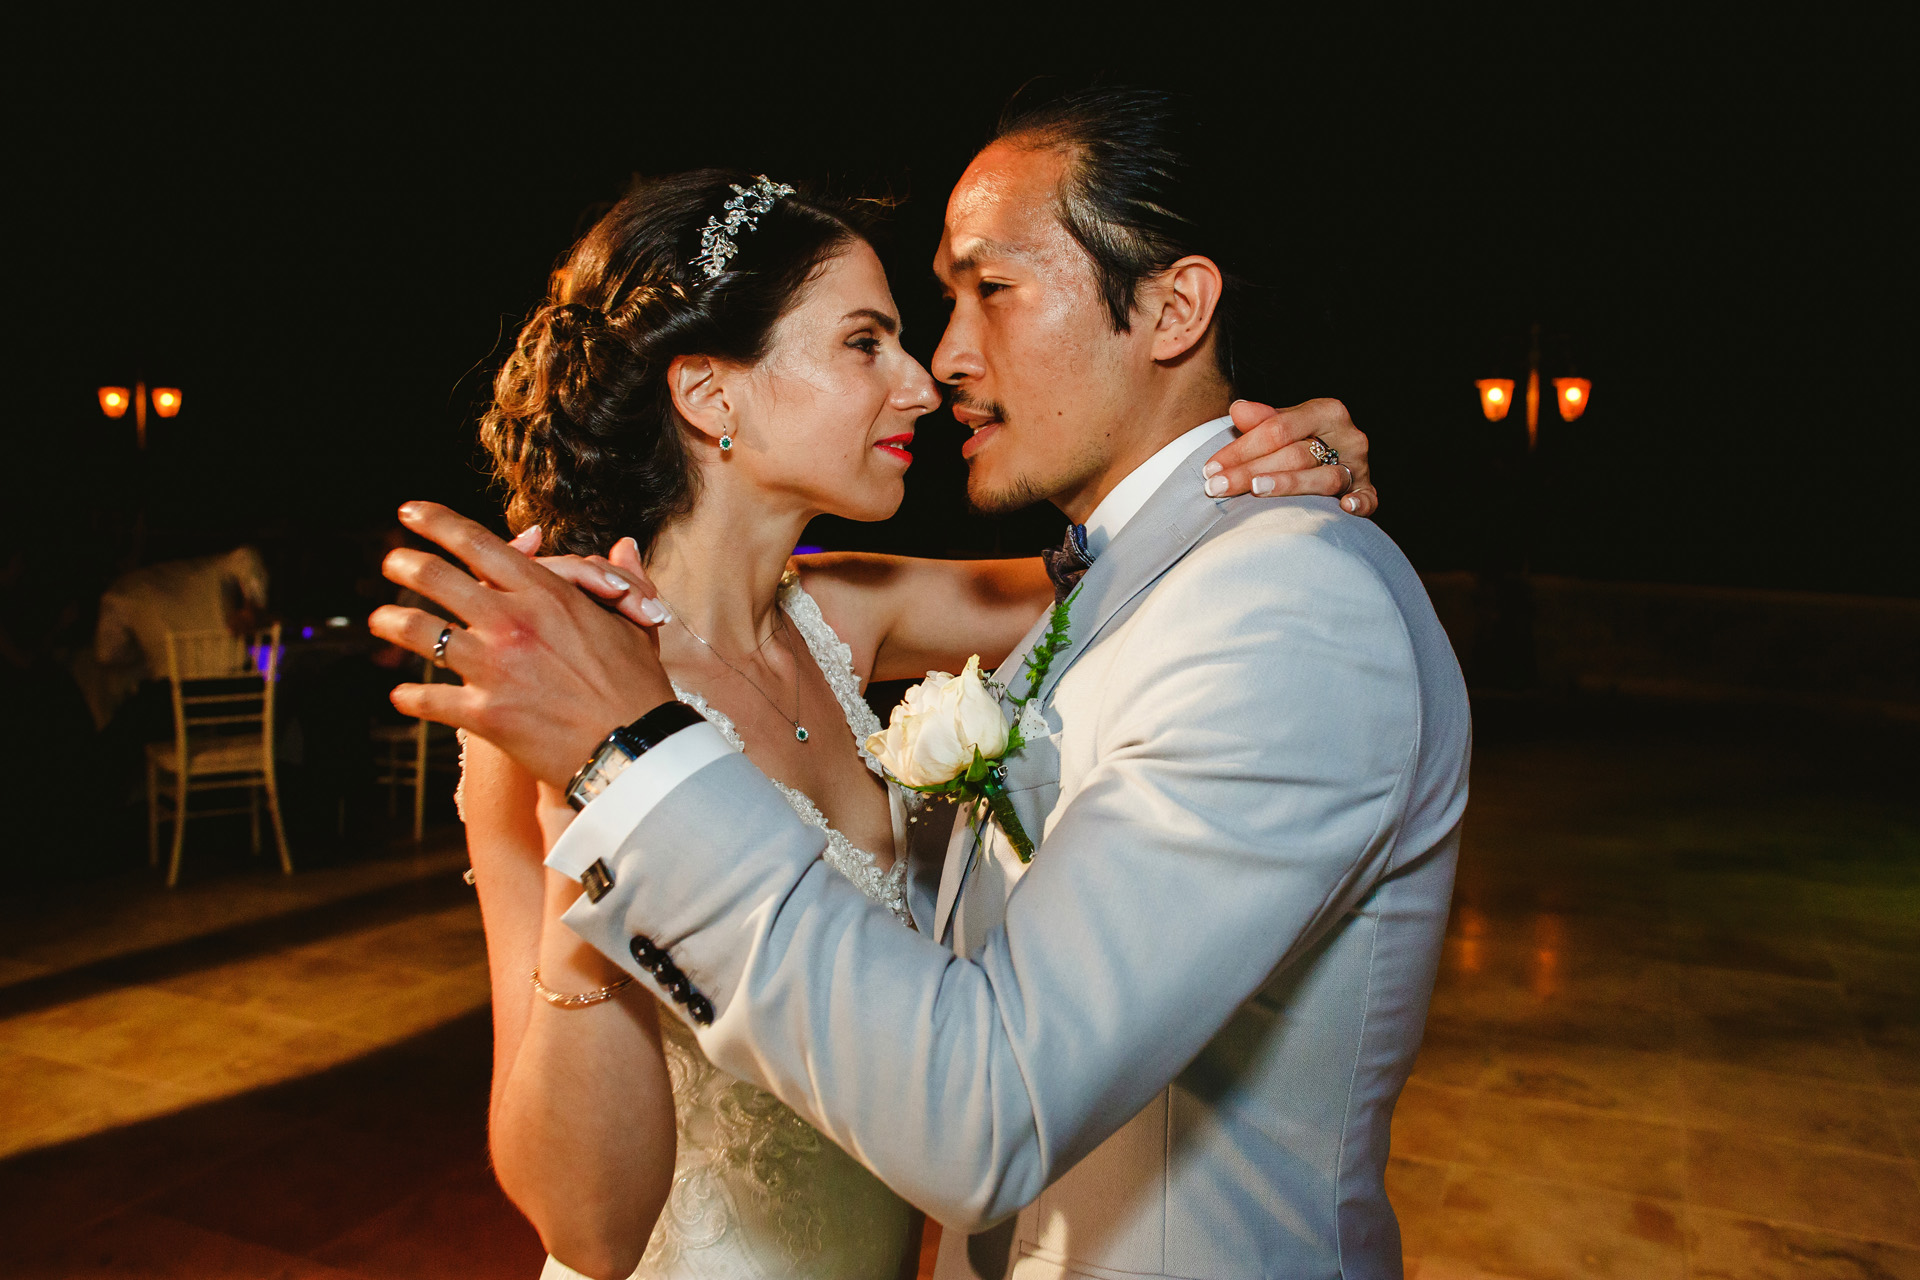 Chypre Elopement Première réception de danse Photo | mariée et le marié dansant lors de leur réception